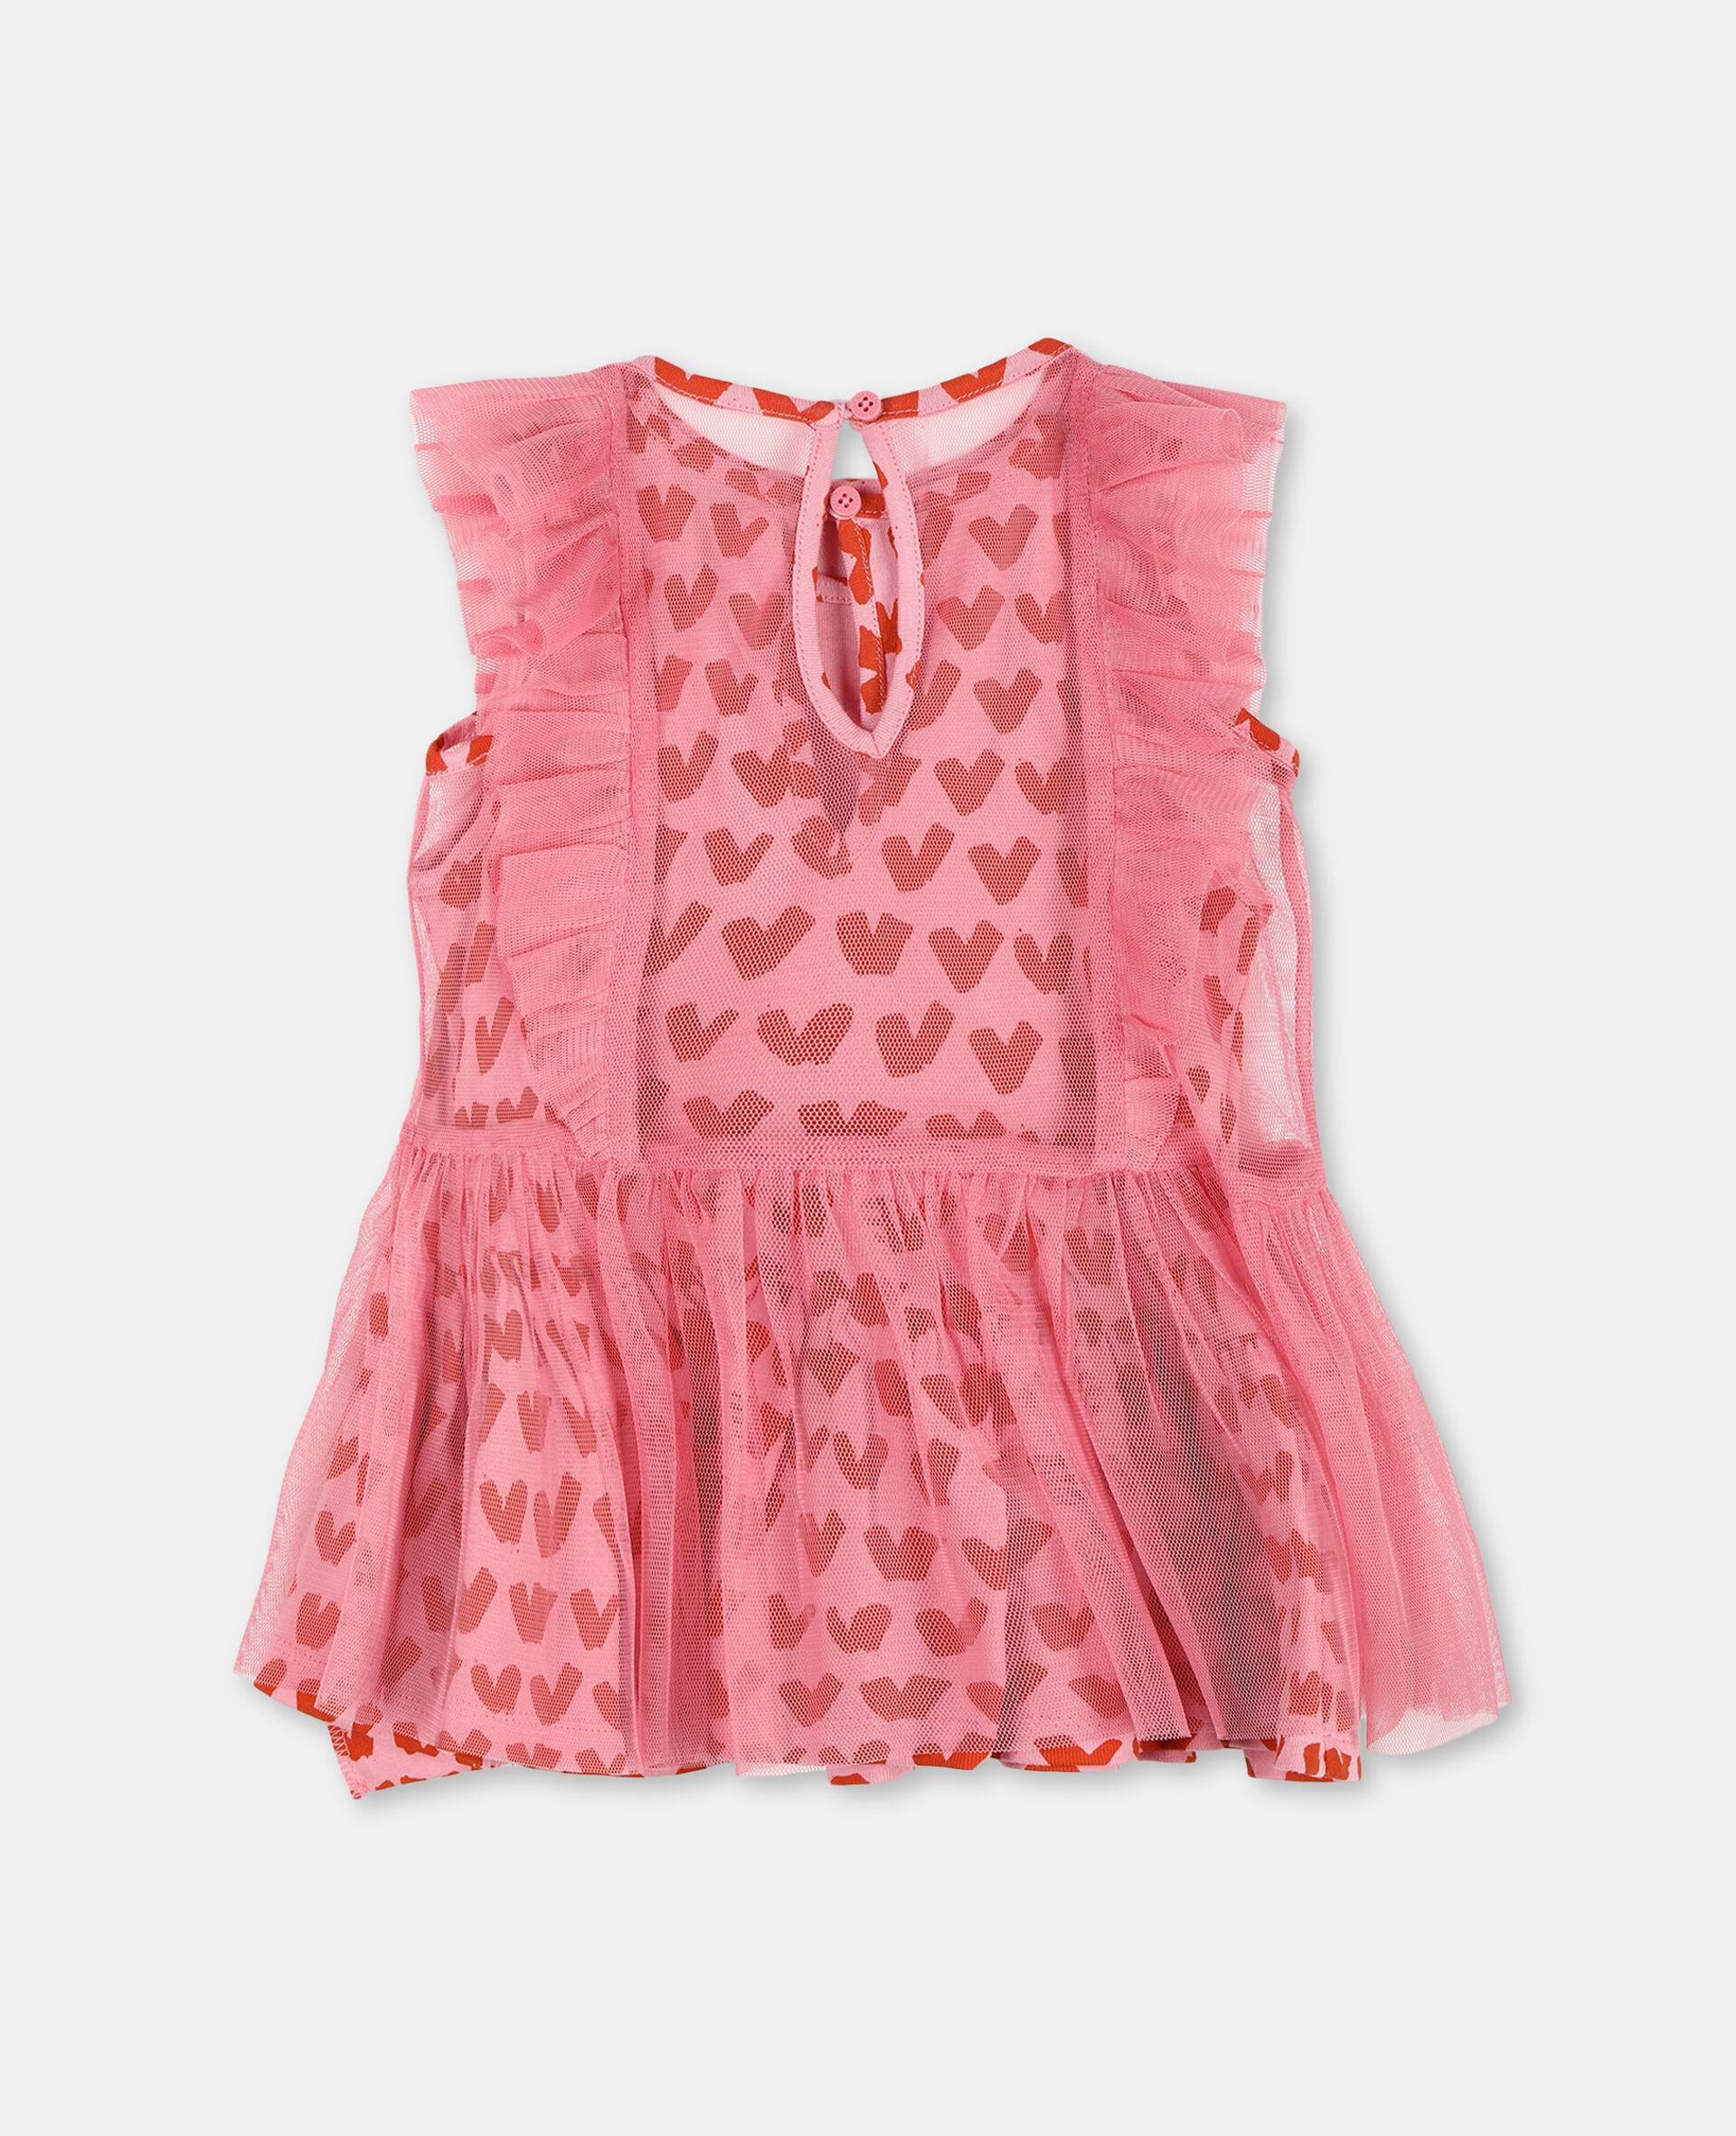 Kleid aus Tüll mit Herzen-Rose-large image number 3